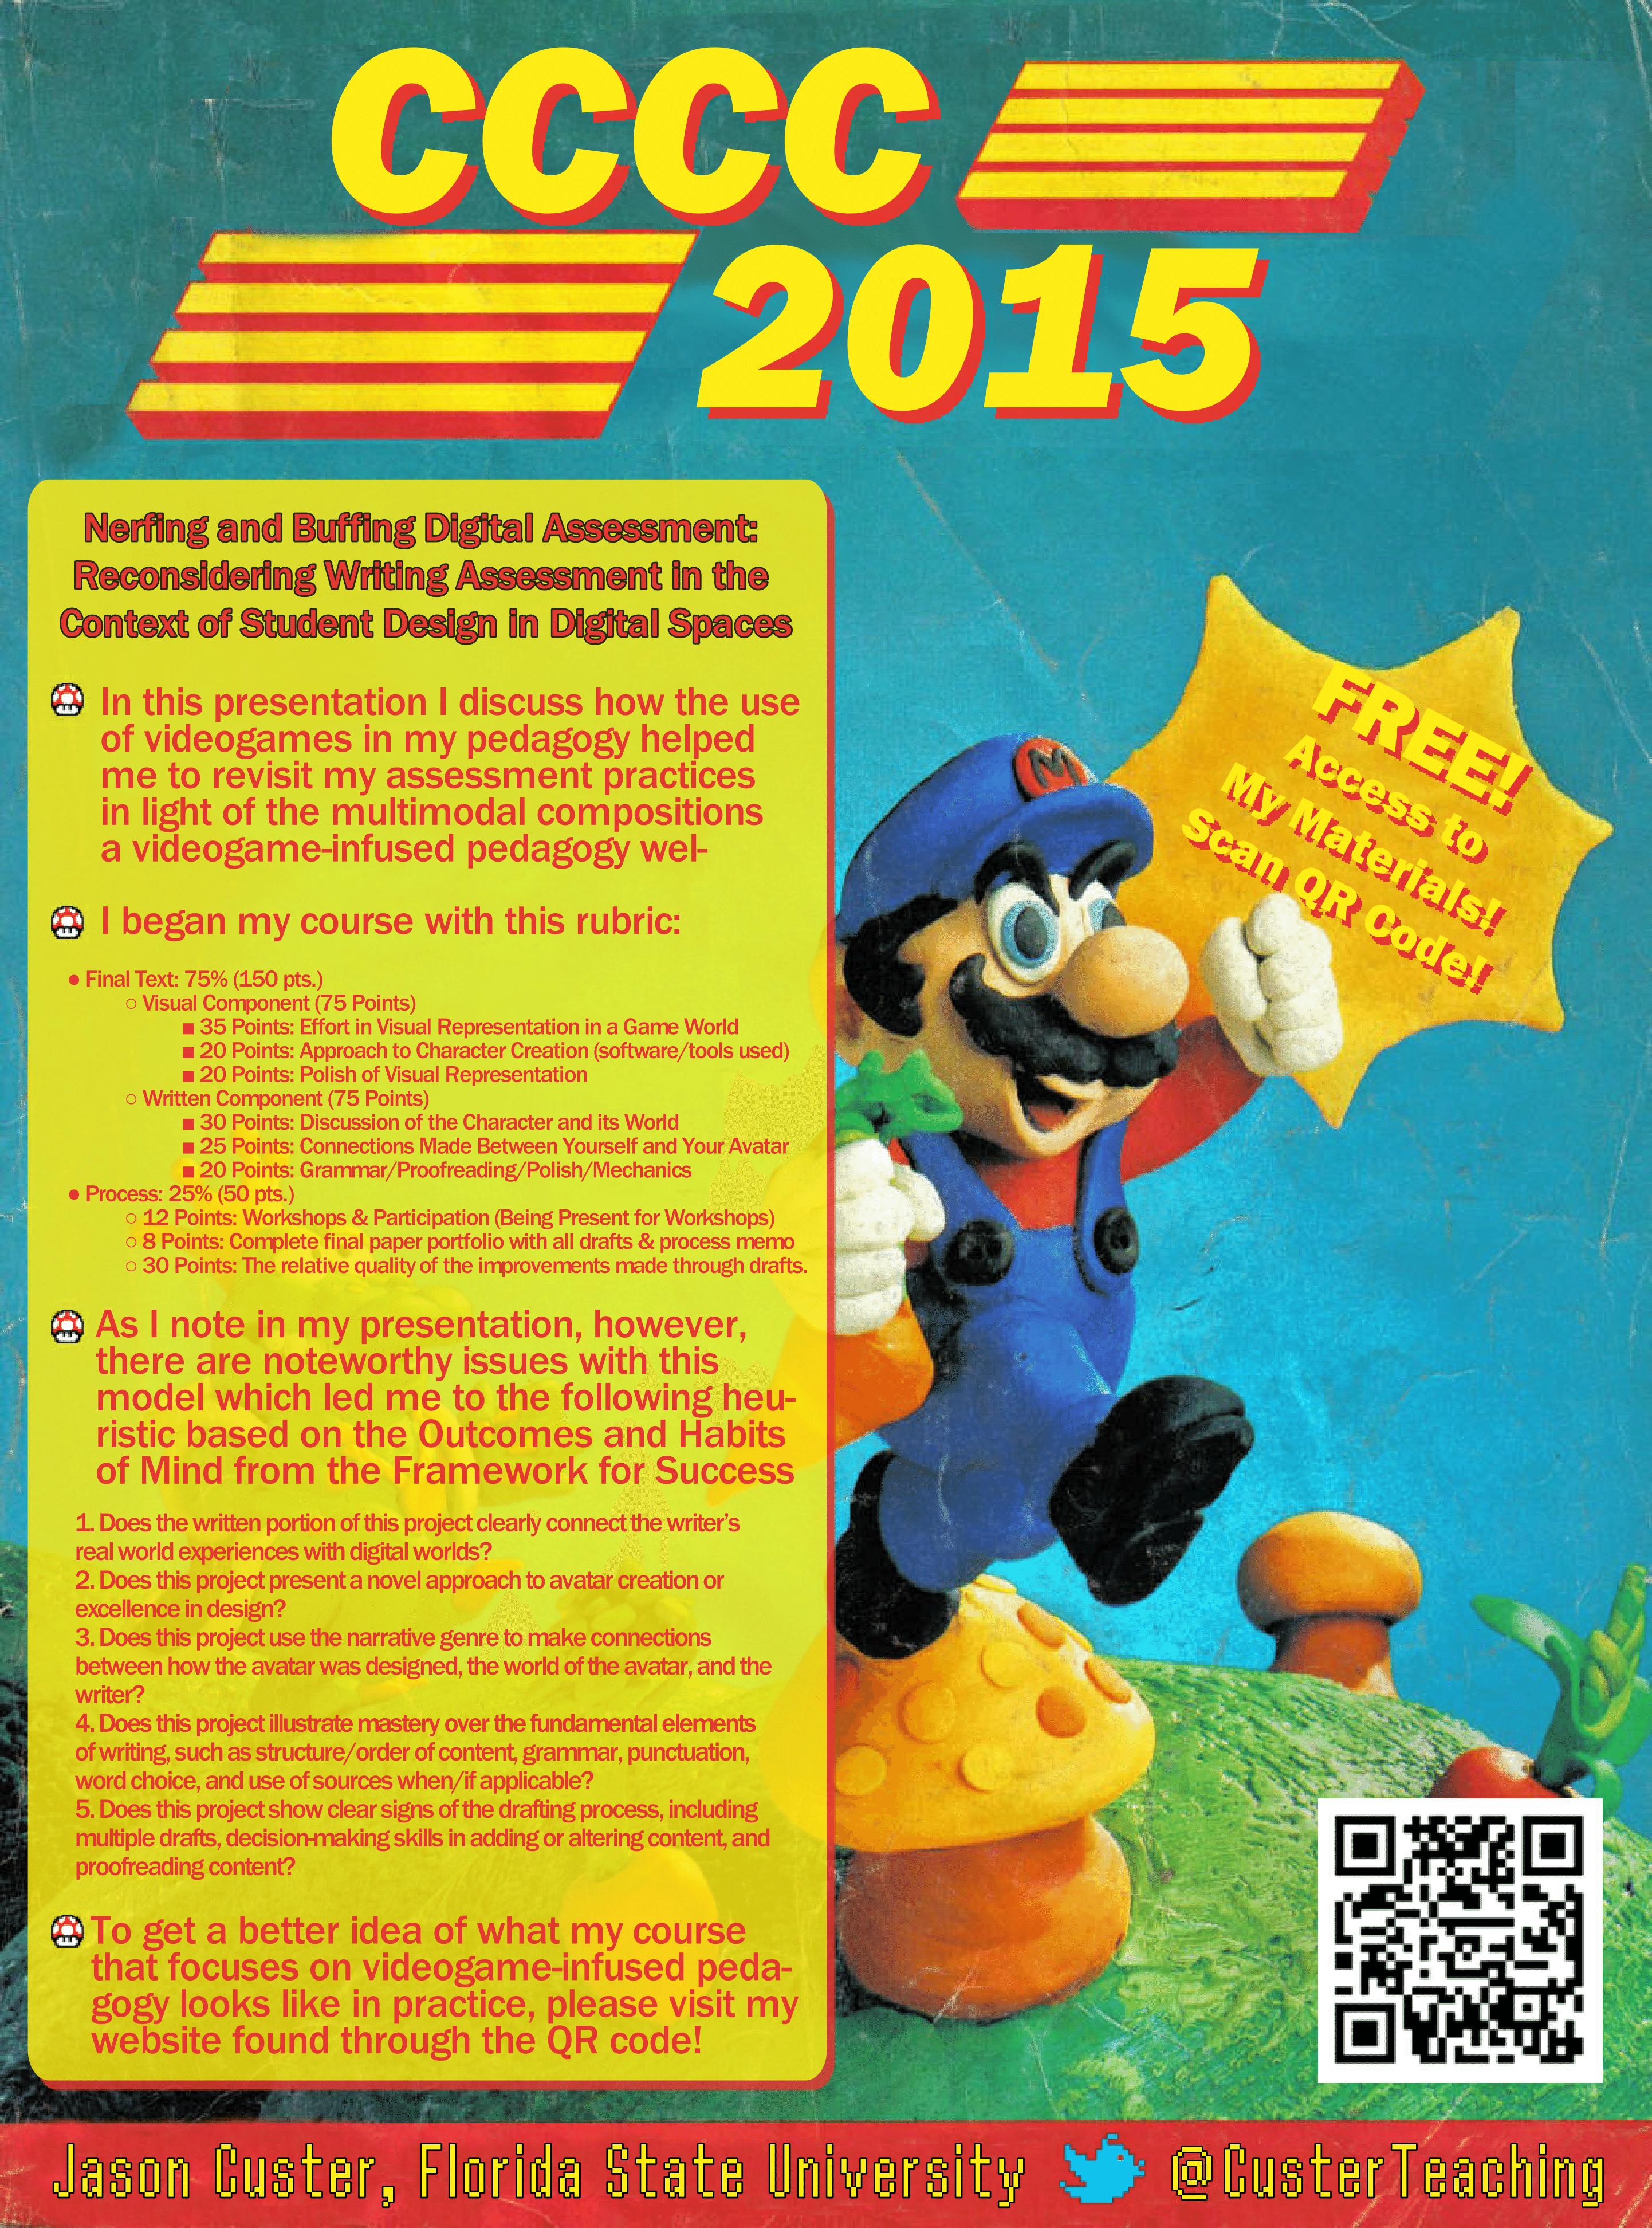 CCCC 2015